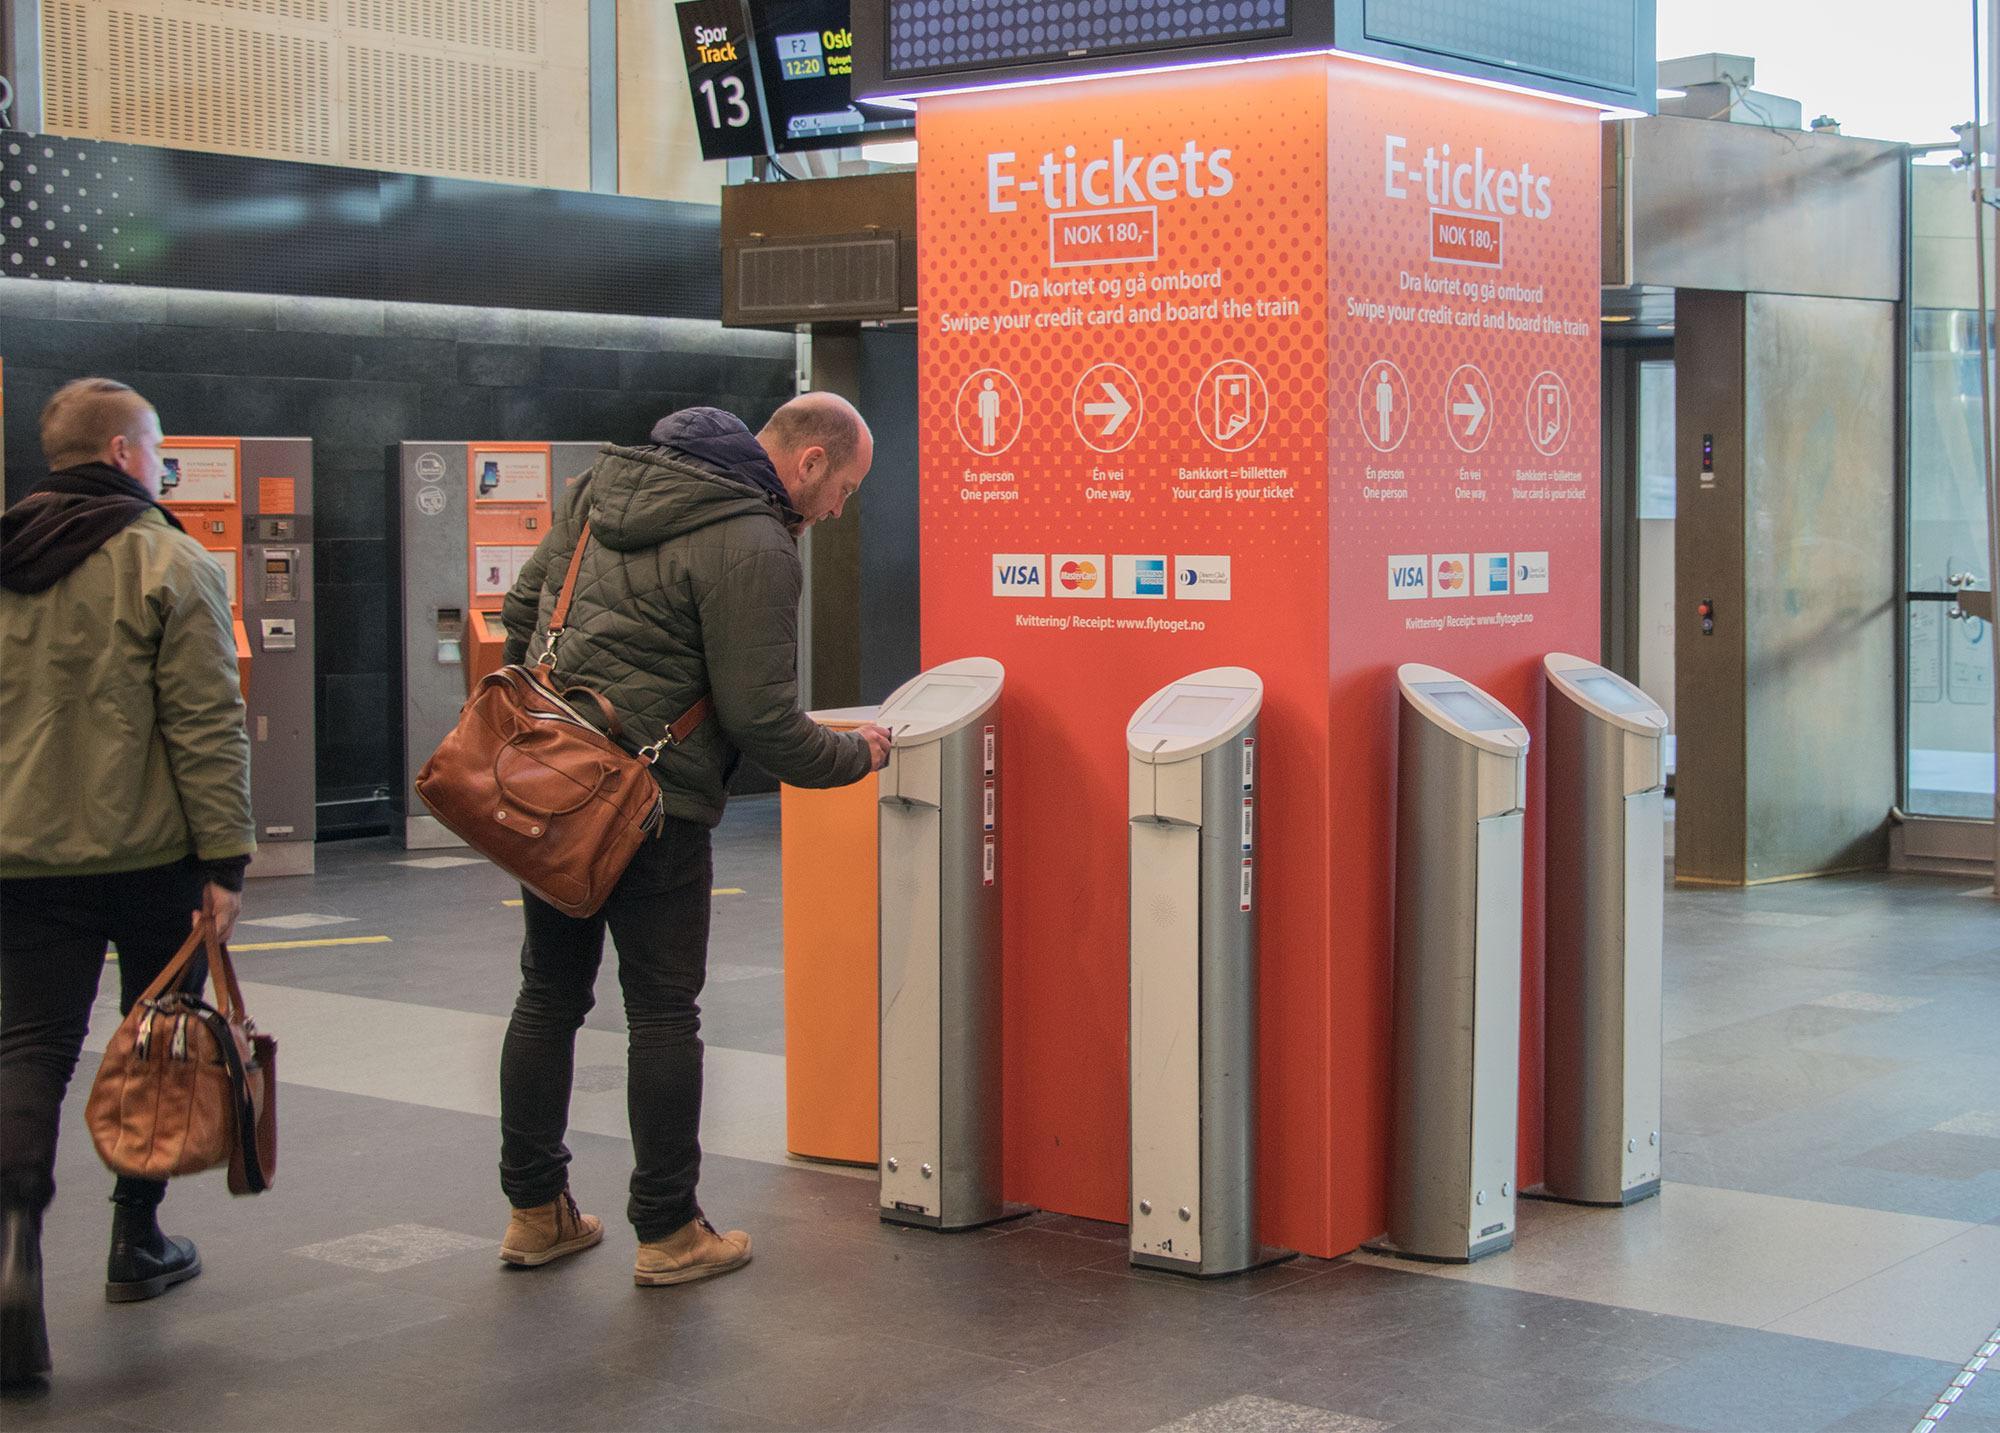 Siden 2001 har reisende kunne bruke bankkortet som billett. I 2017 blir det enda bedre.